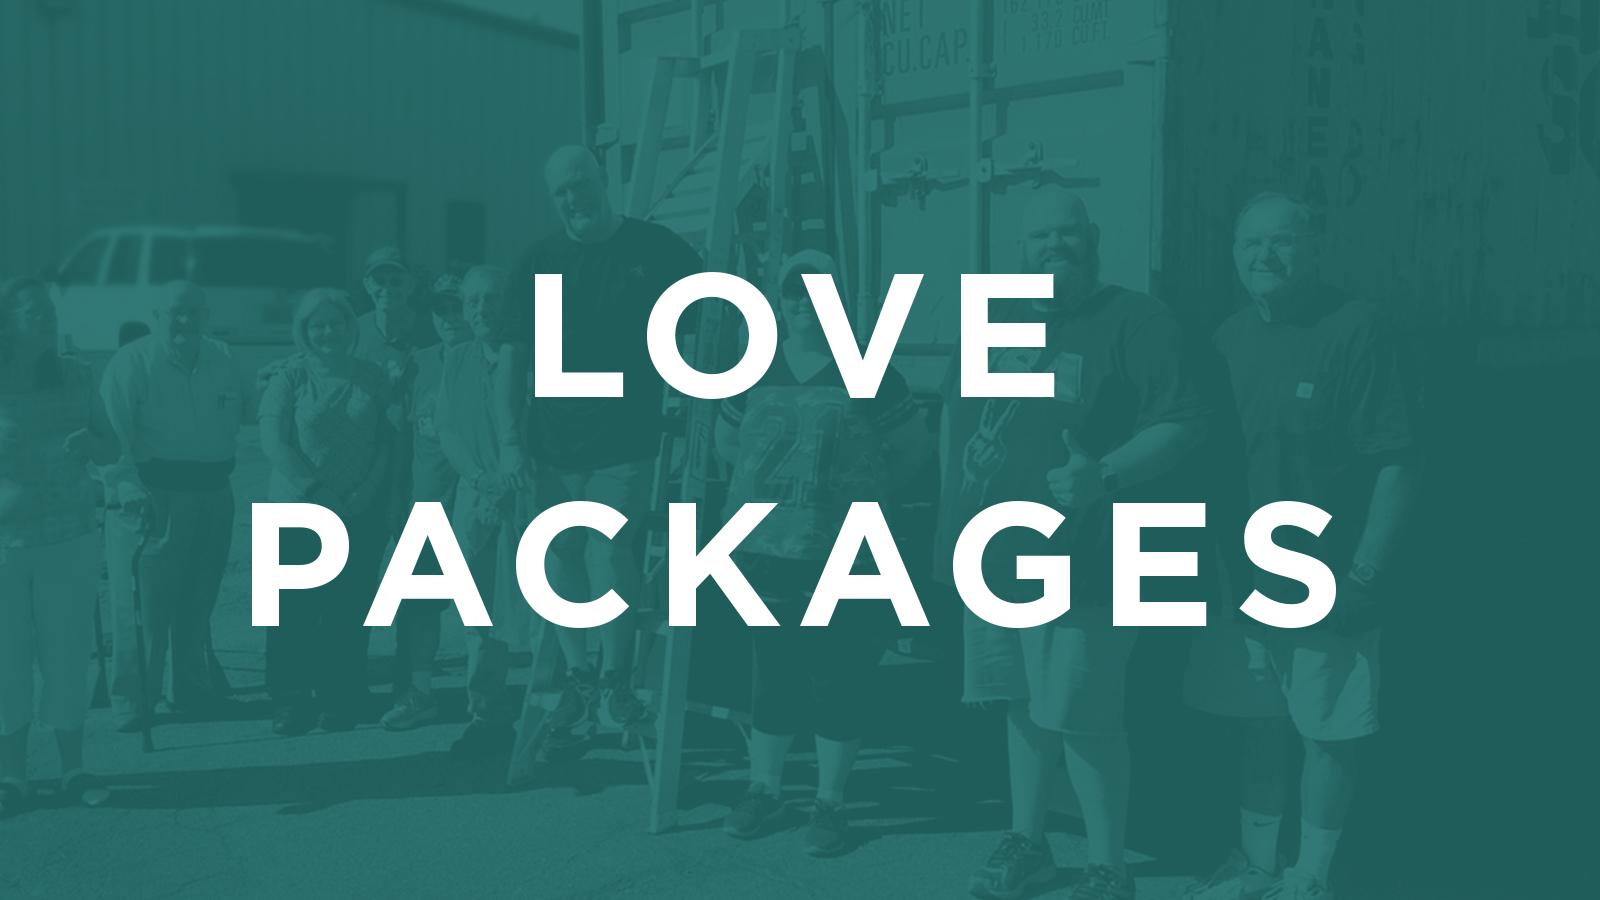 LovePackages.jpg